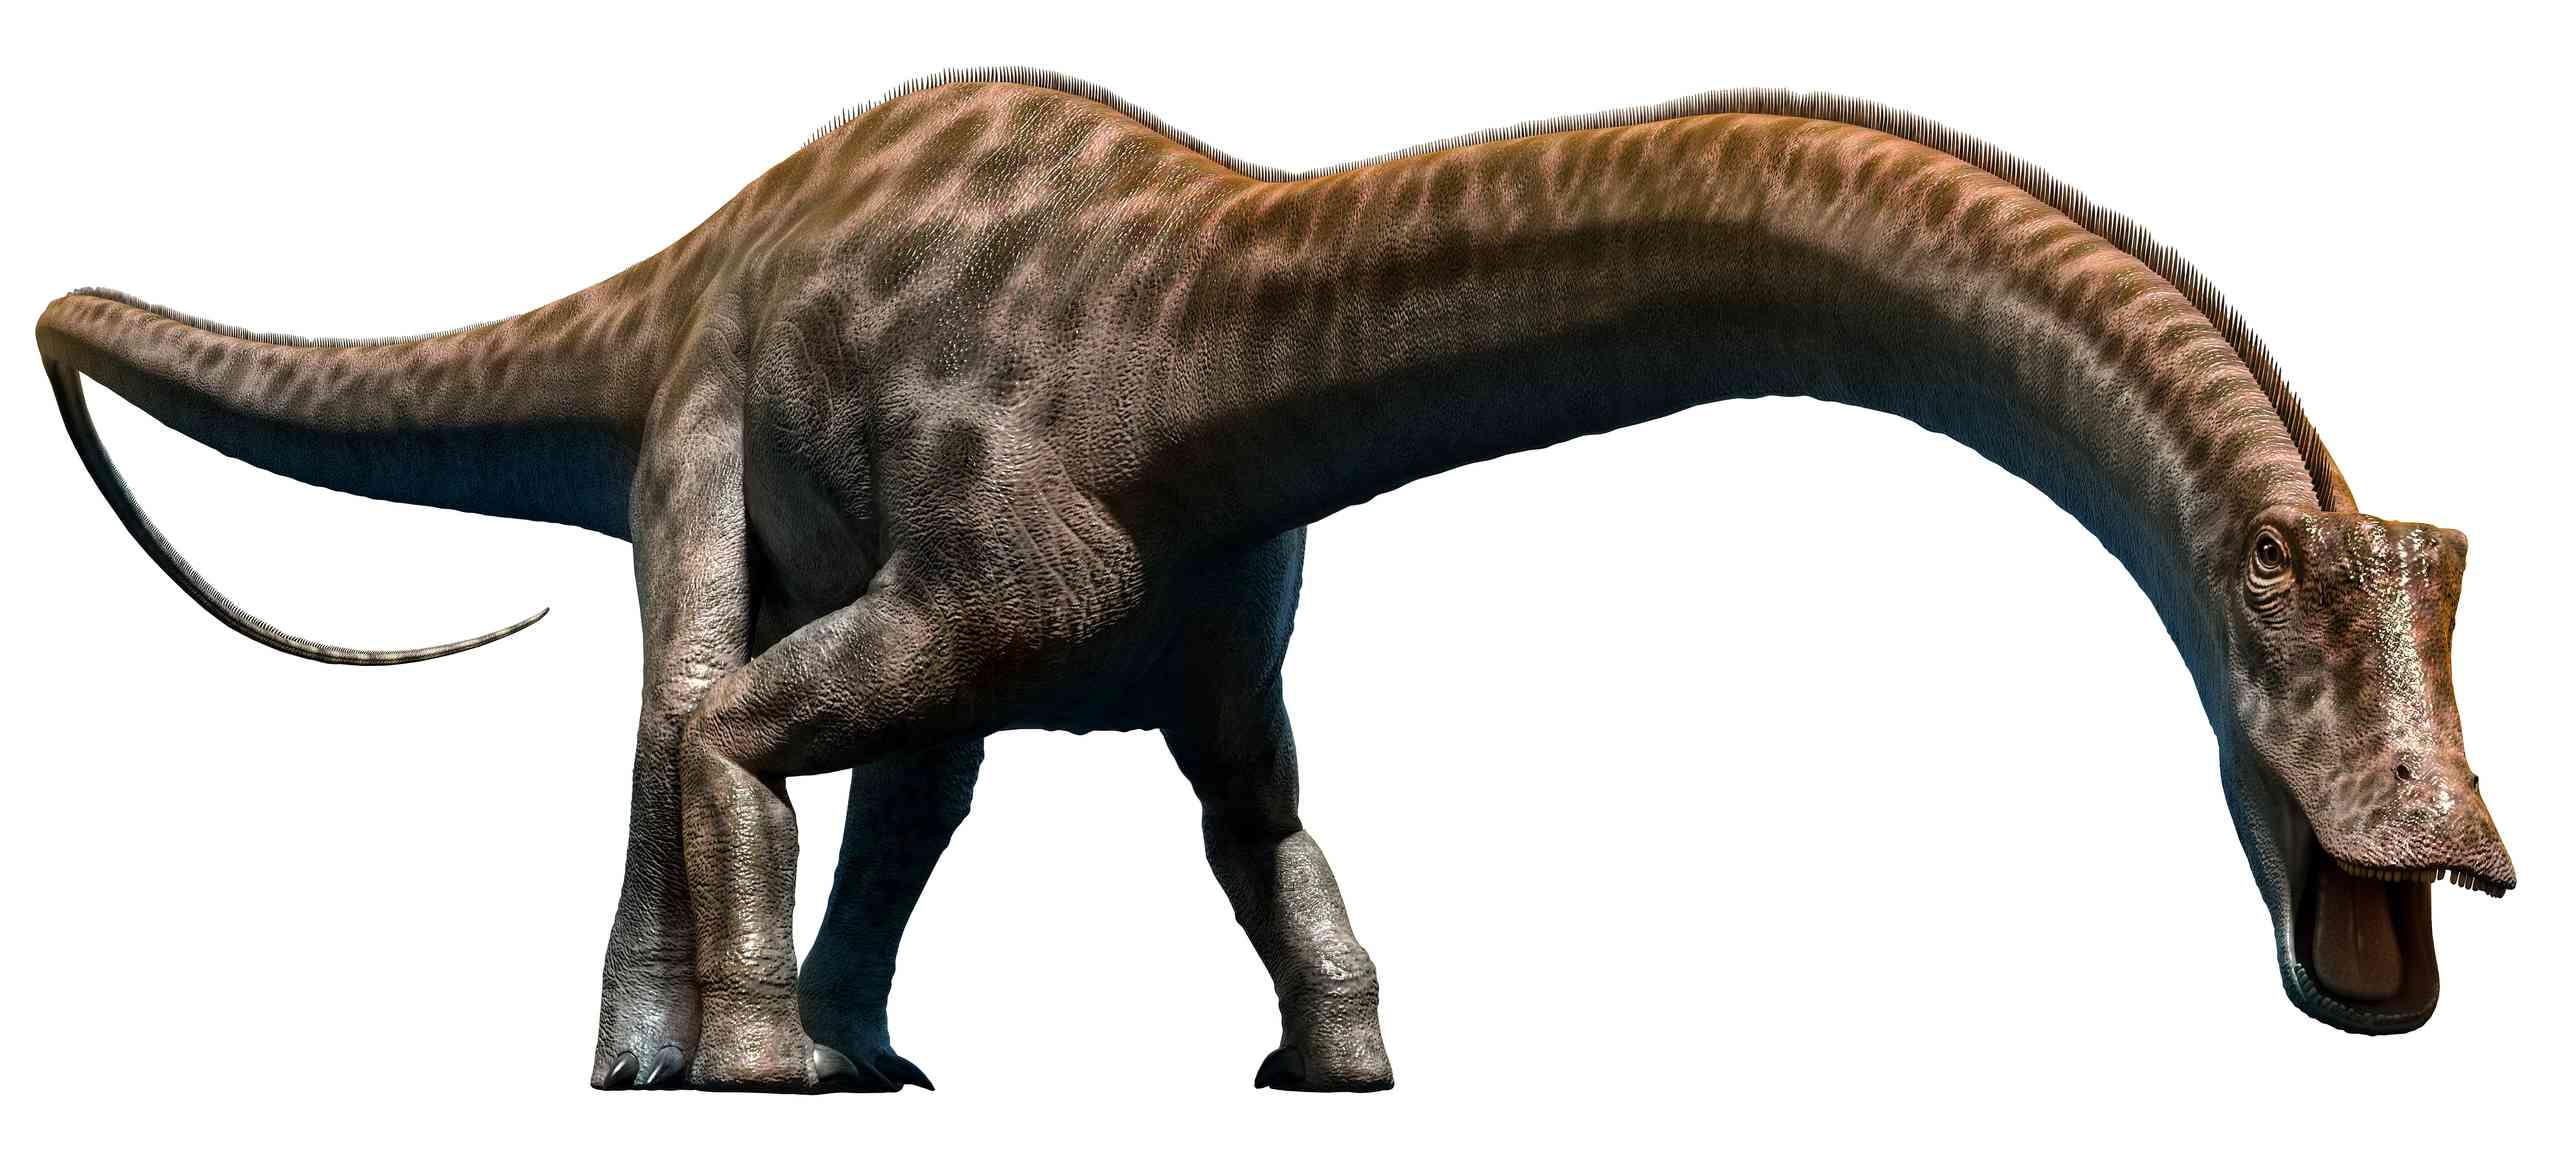 Diplodocus illustration